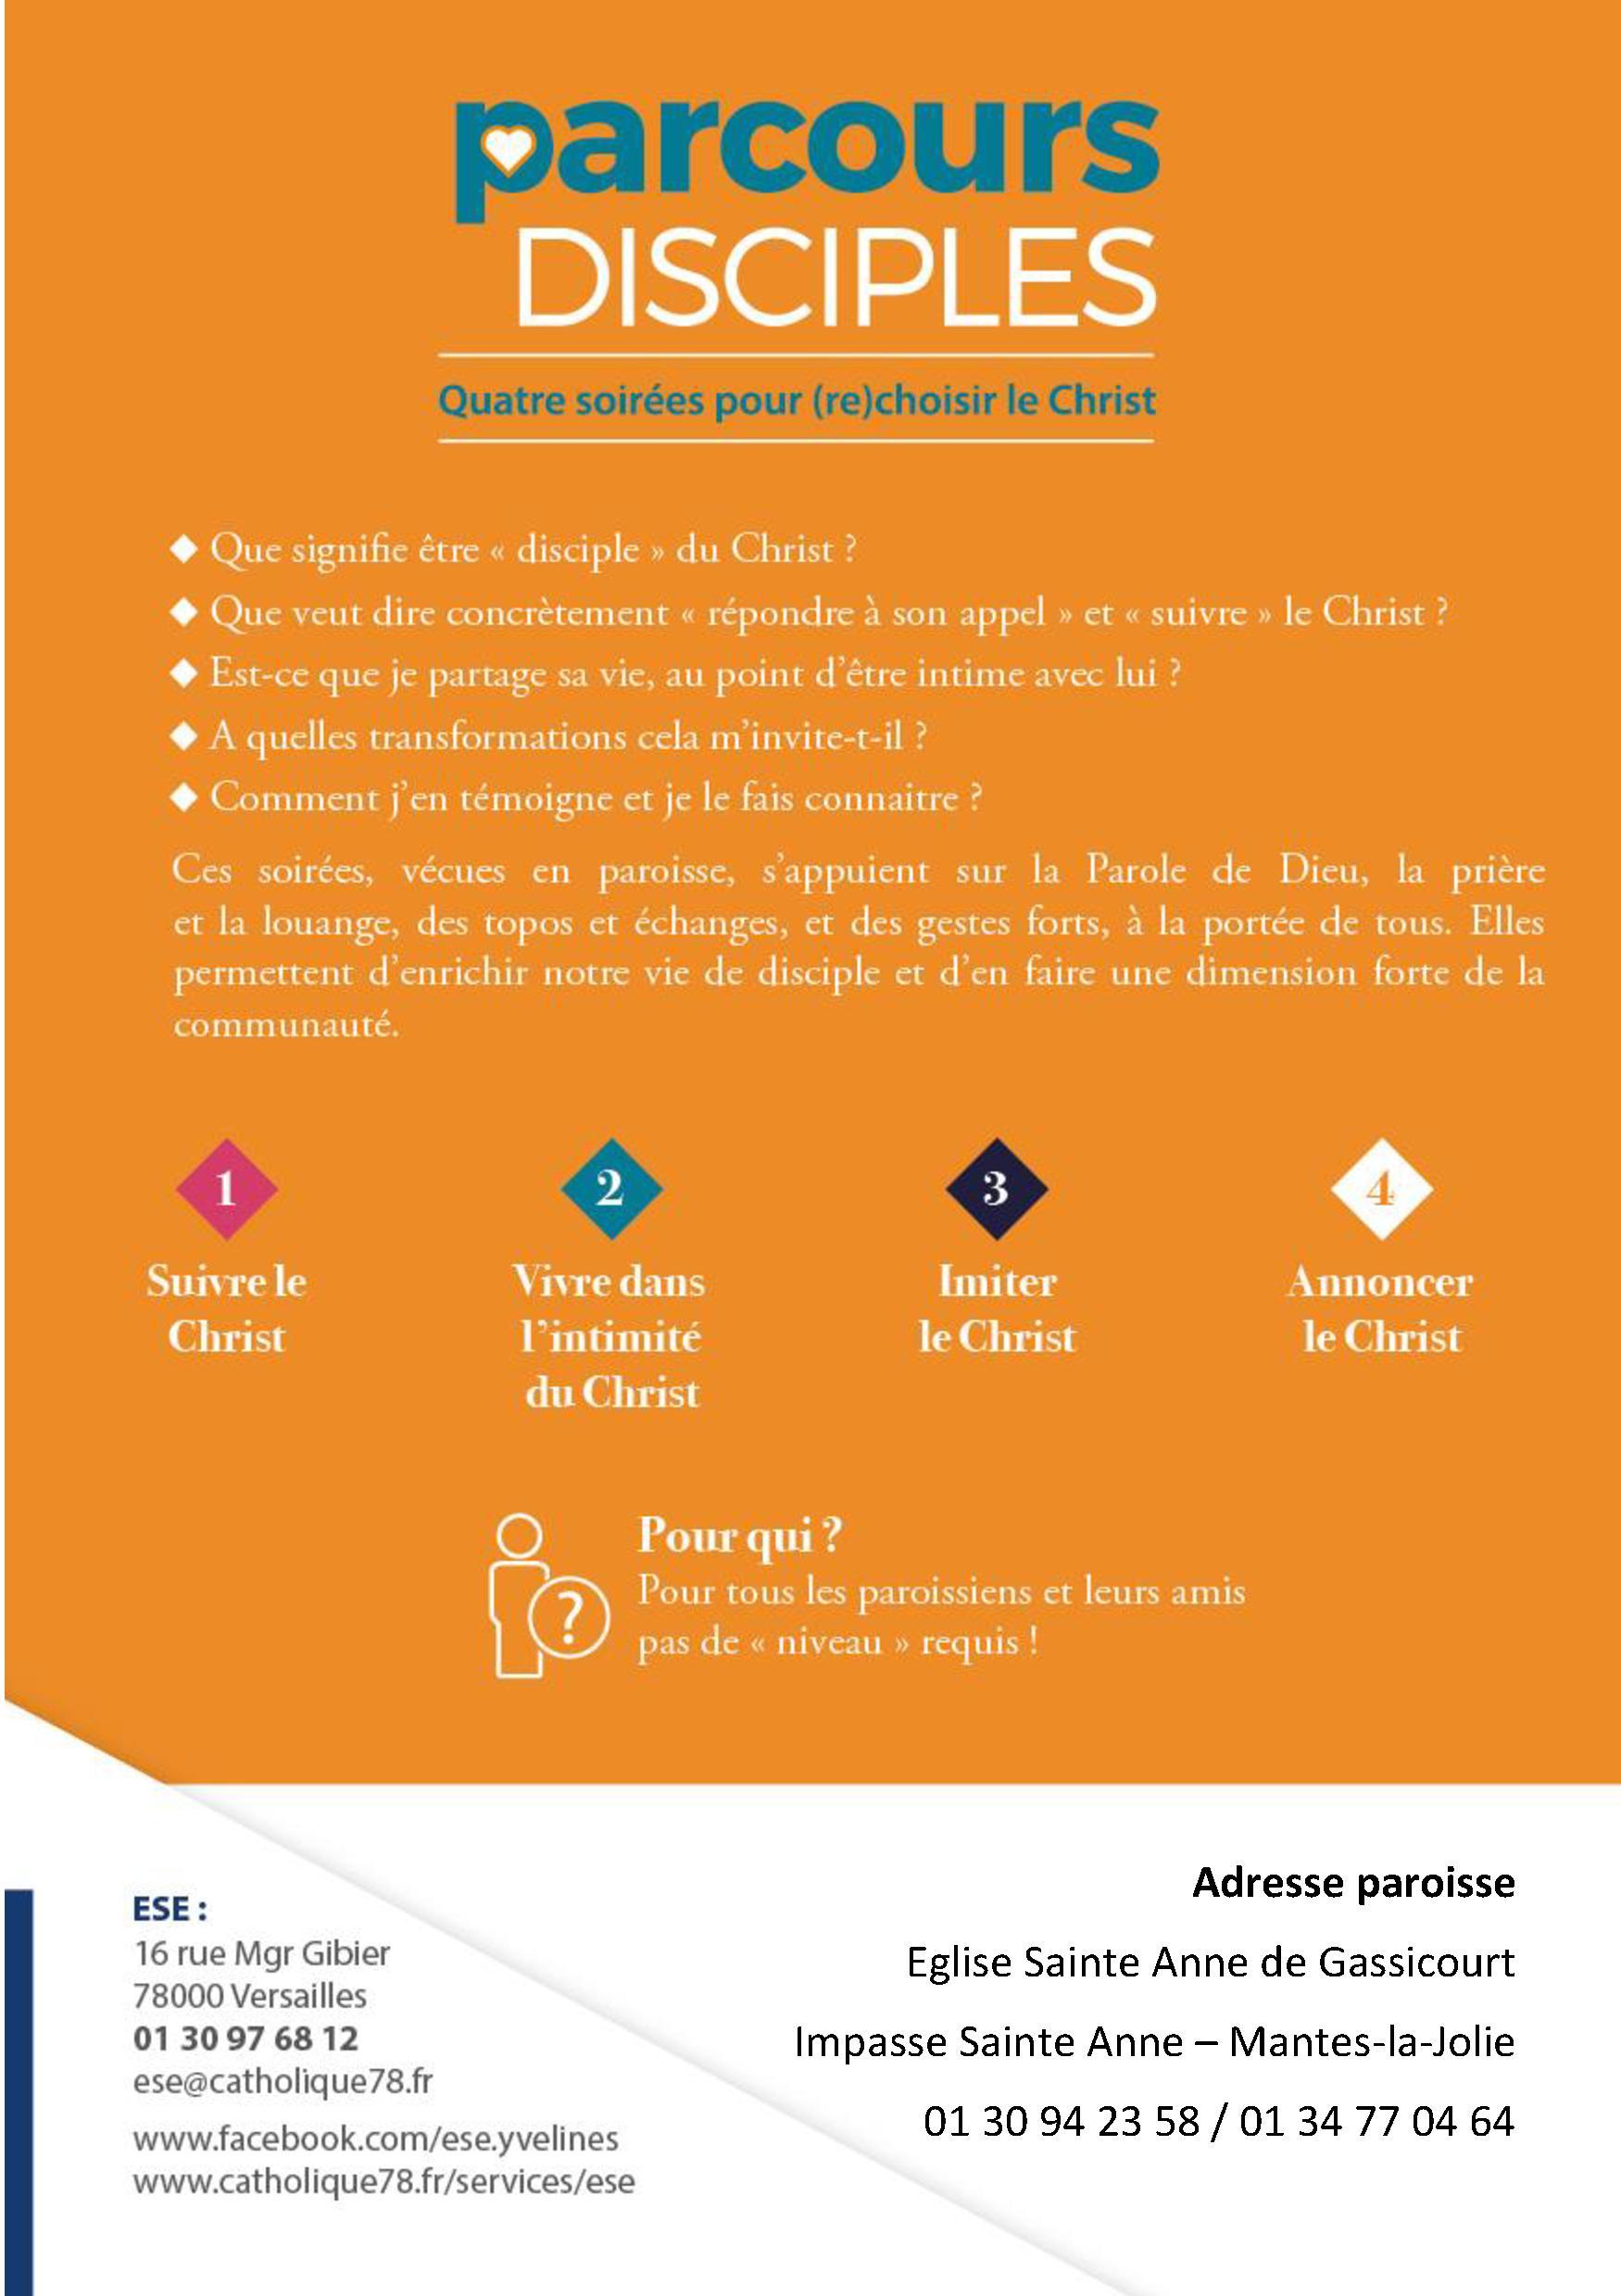 Parcours disciple flyers A5-2